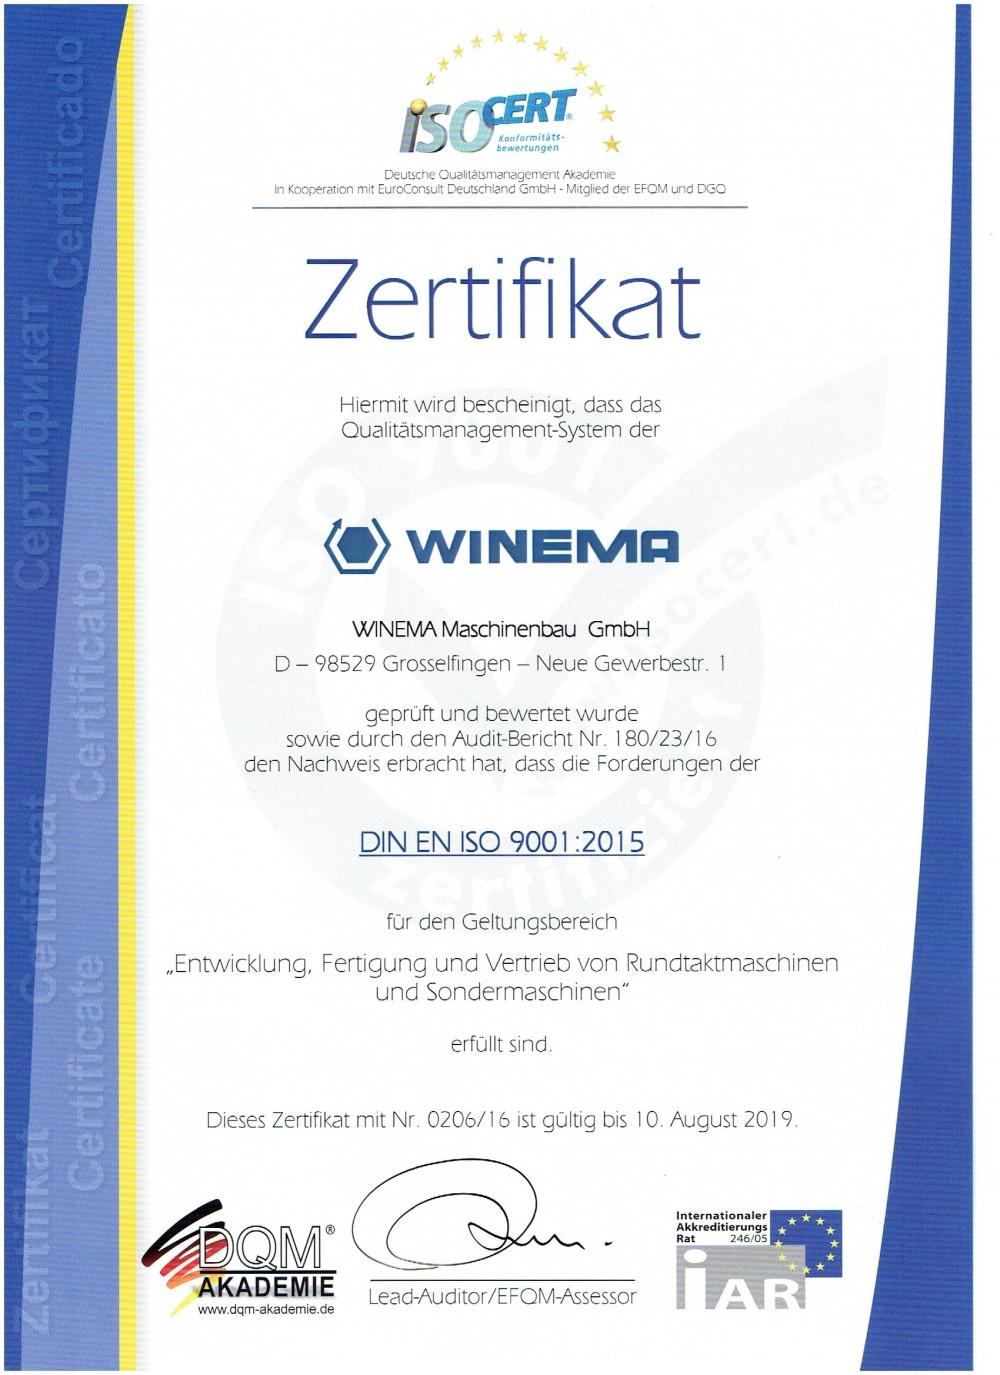 Überprüfungsaudit nach DIN EN ISO 9001:2015 erfolgreich durchgeführt